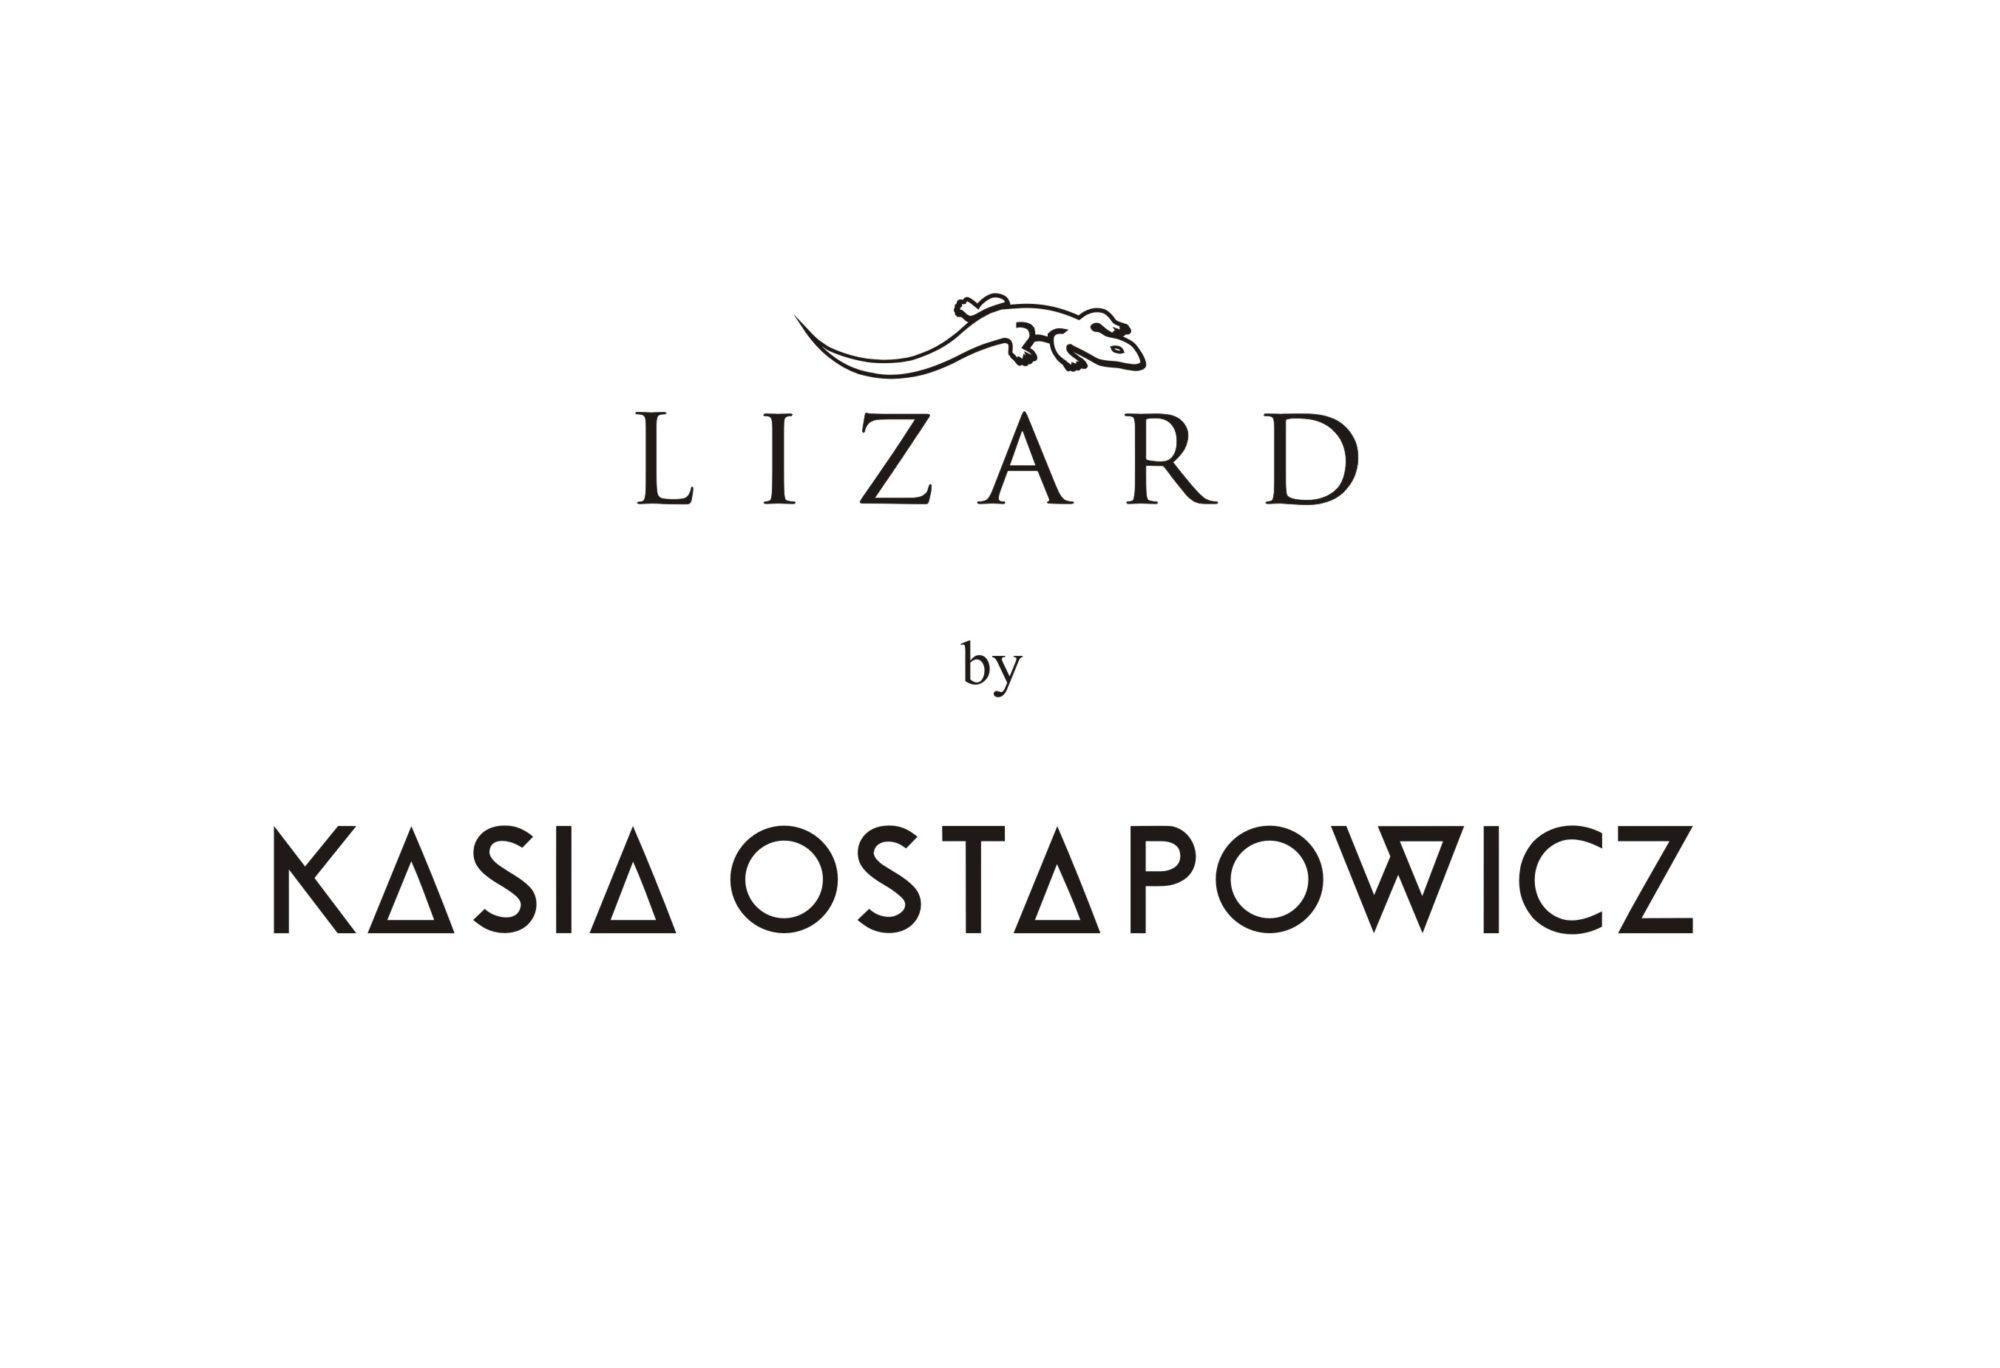 lizard by kasiaostapowicz